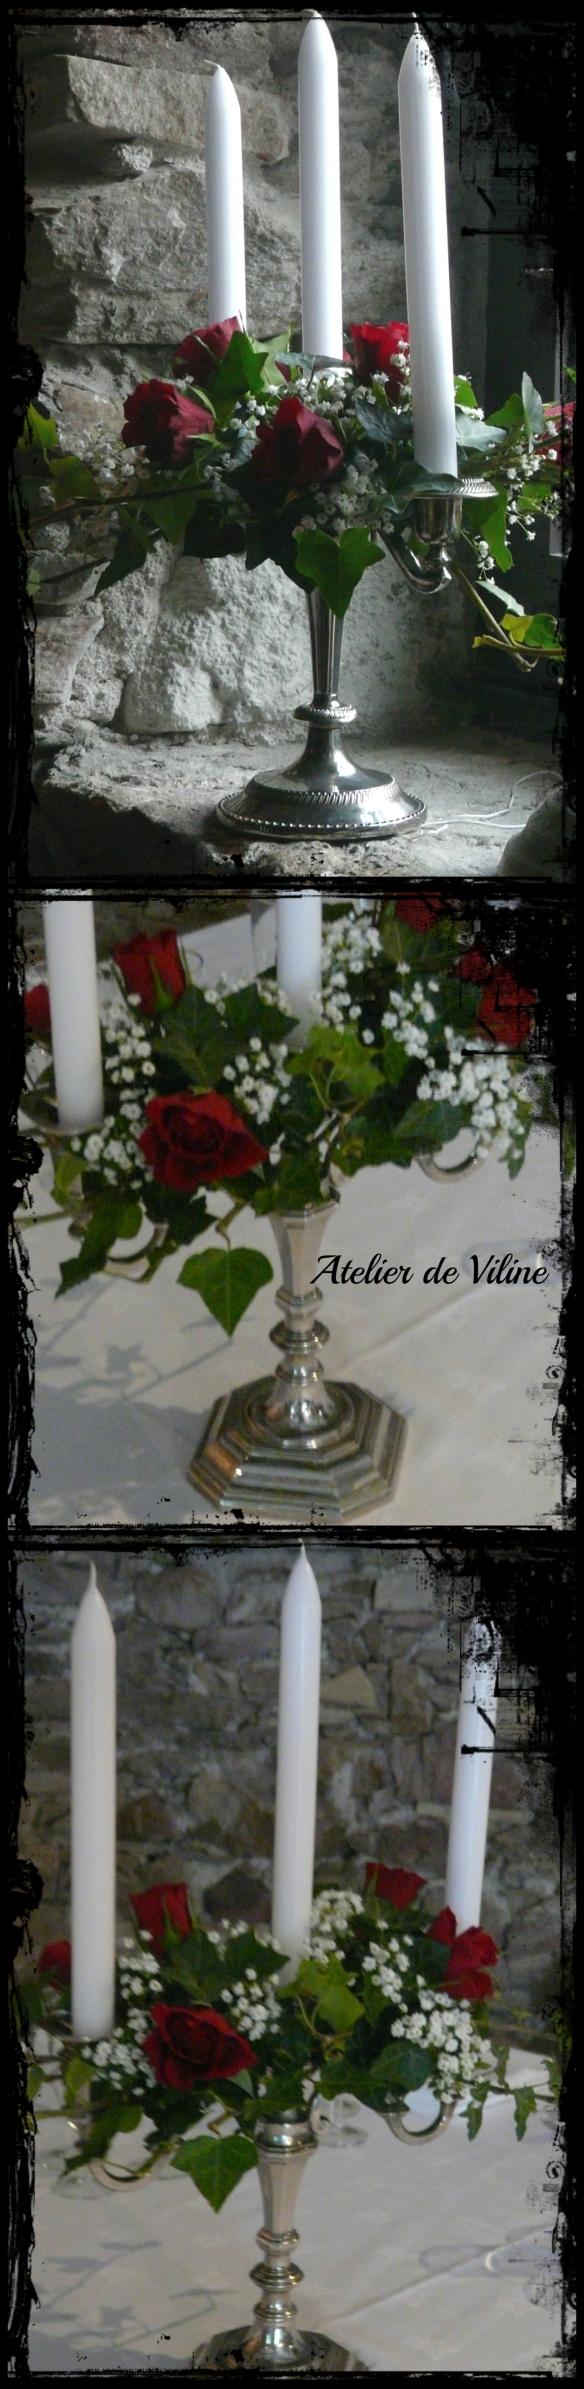 chandeliers en argent avec lierre et roses rouges